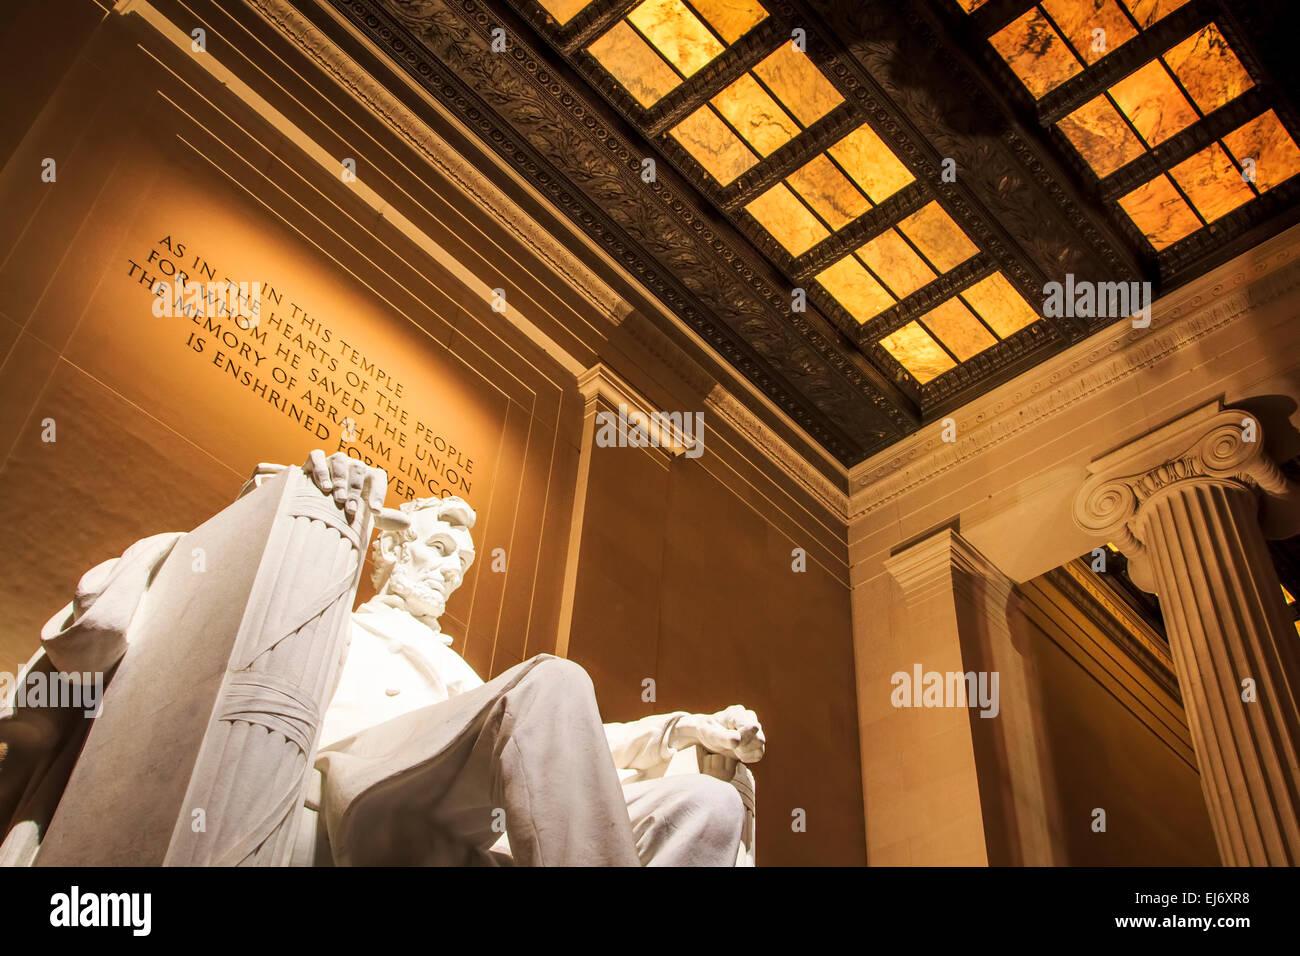 Das leistungsstarke Lincoln Memorial in der National Mall von Washington, D.C. gesehen bei Nacht mit der Wand Gravur Stockbild